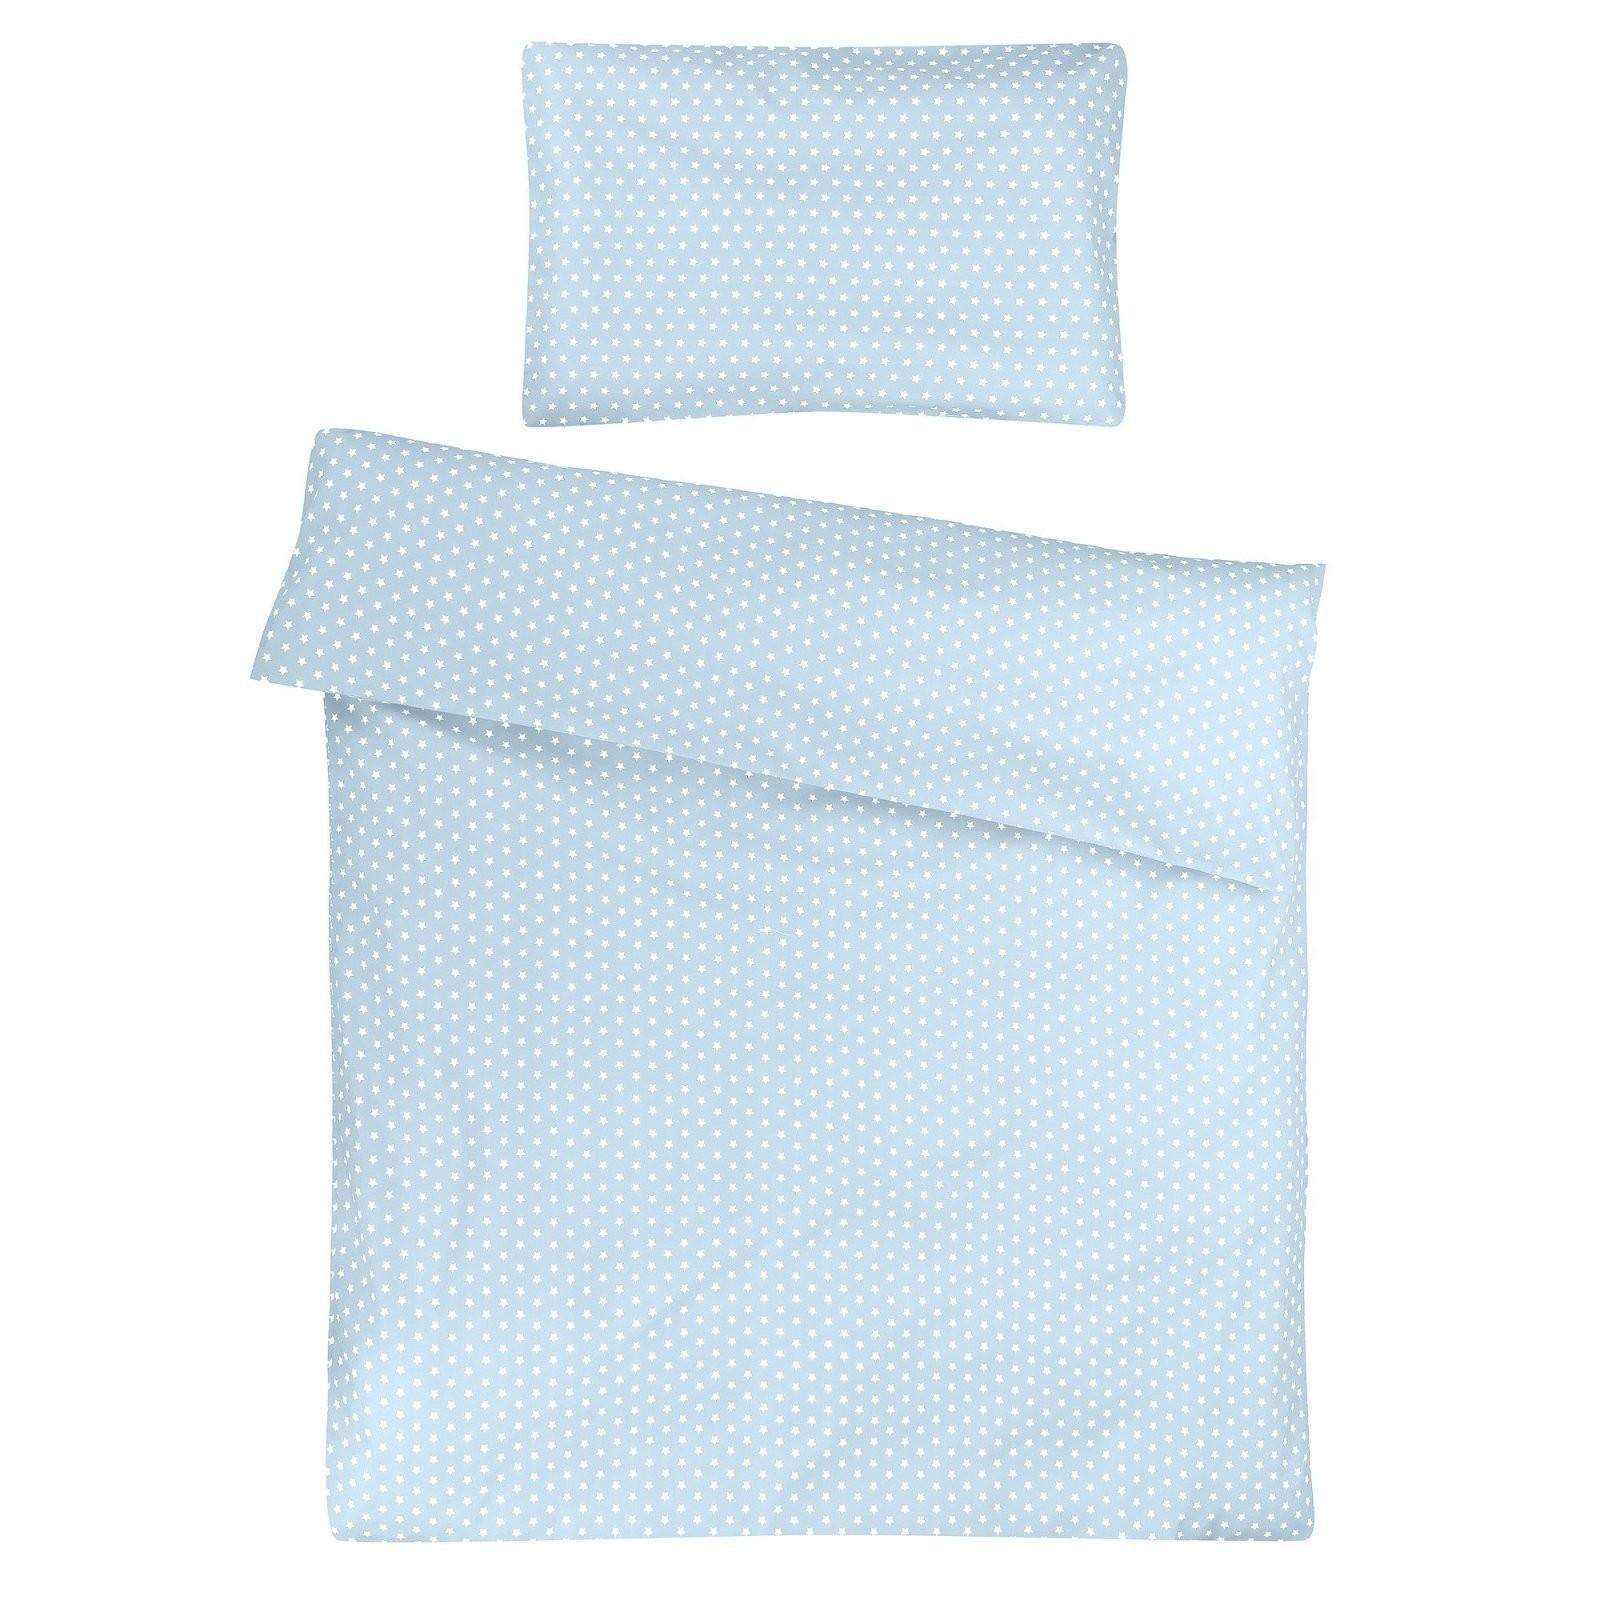 Kinderbettwäsche 100X135 Cm  Hellblau Mit Weißen Sternen von Bettwäsche 100X135 Sterne Bild